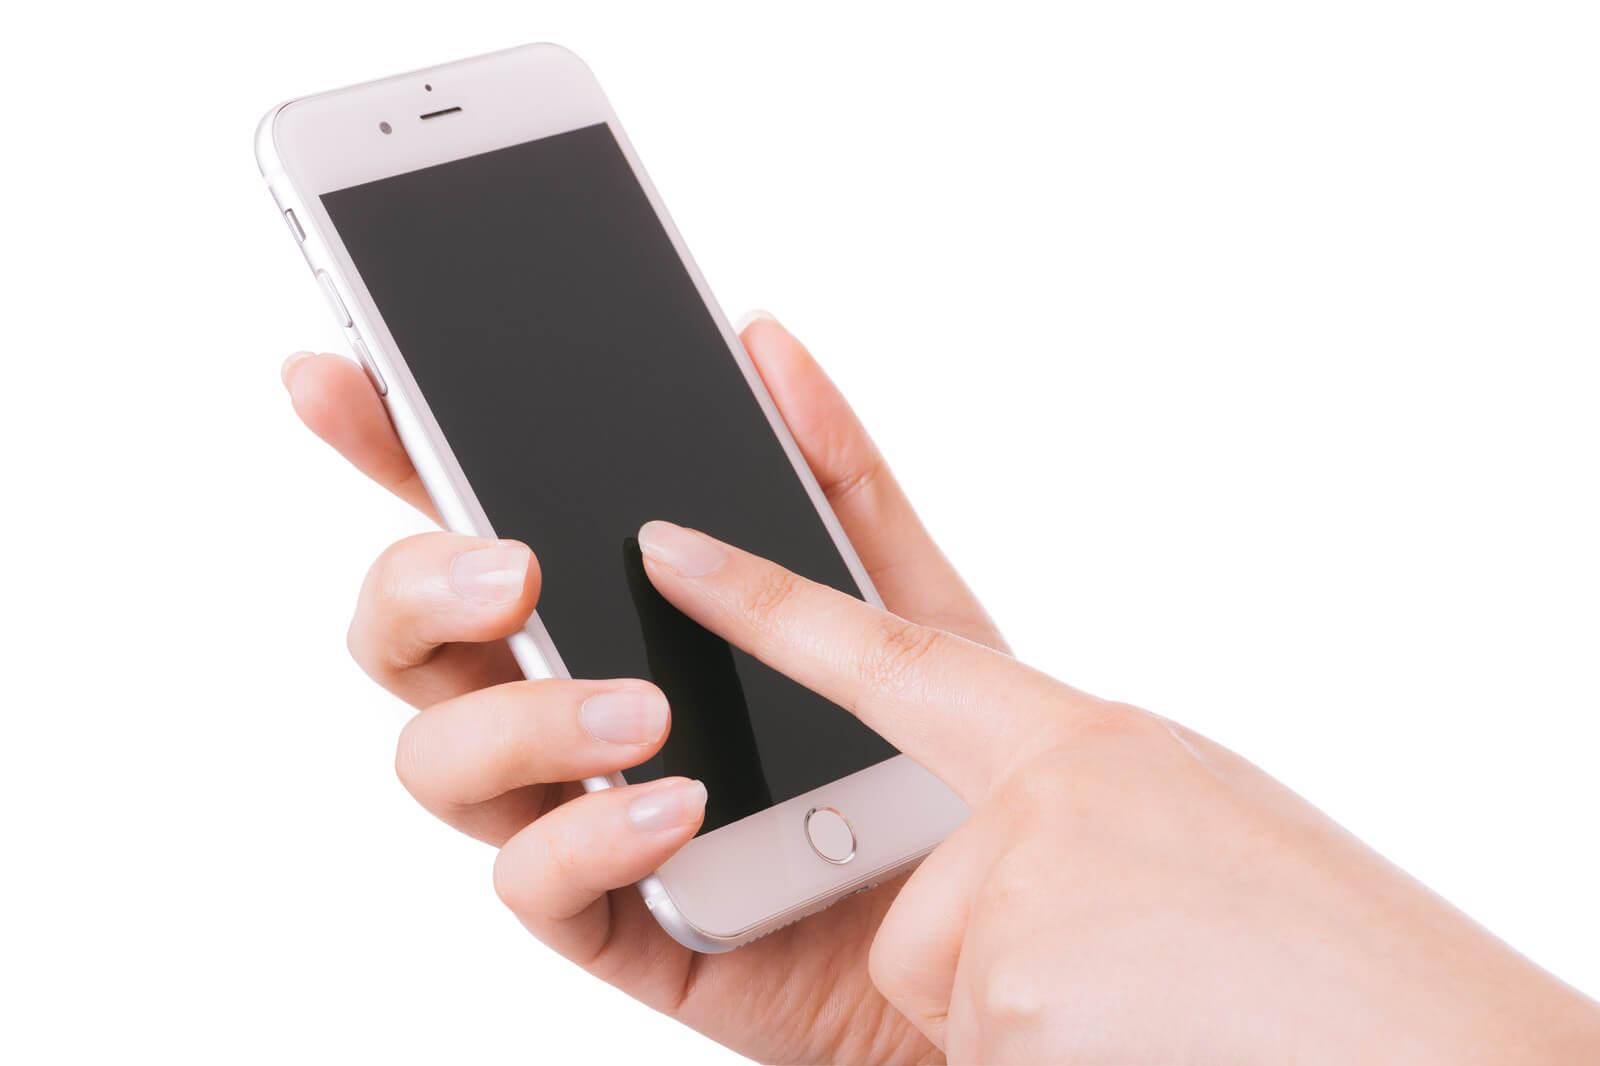 エックスモバイルのかけたい放題フルの発信方法をiPhoneと指で説明